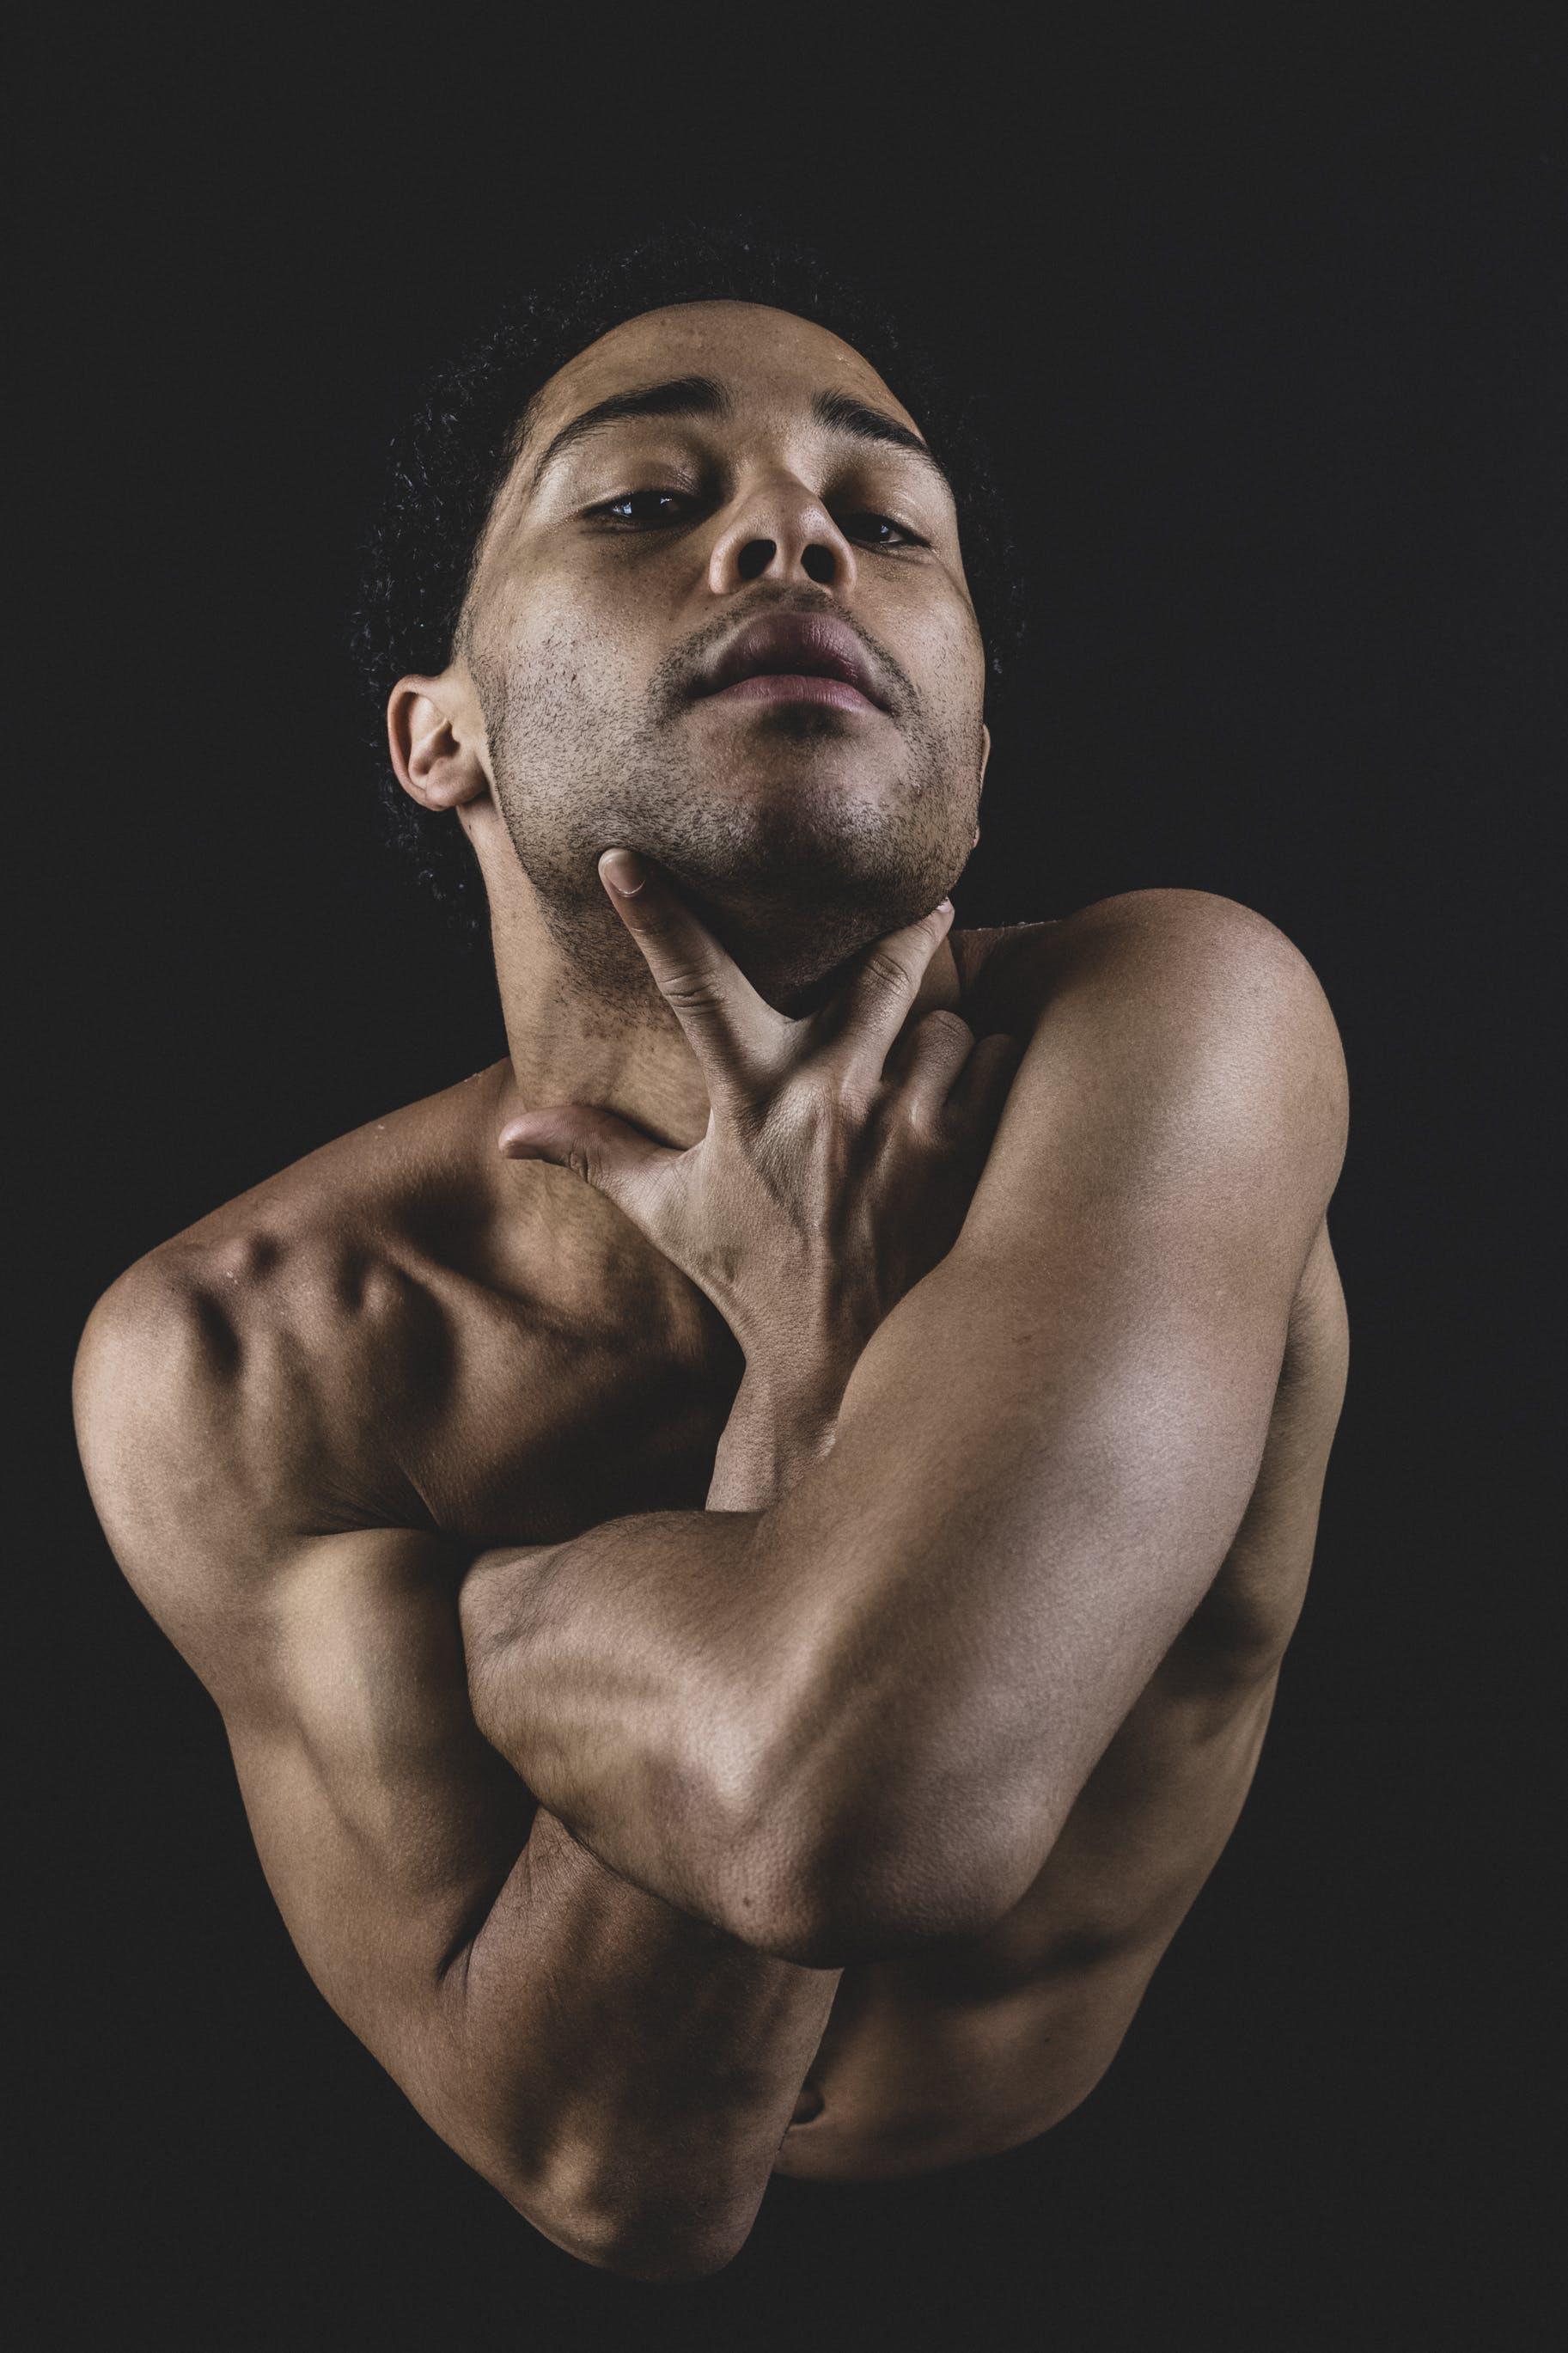 Man Touching His Neck